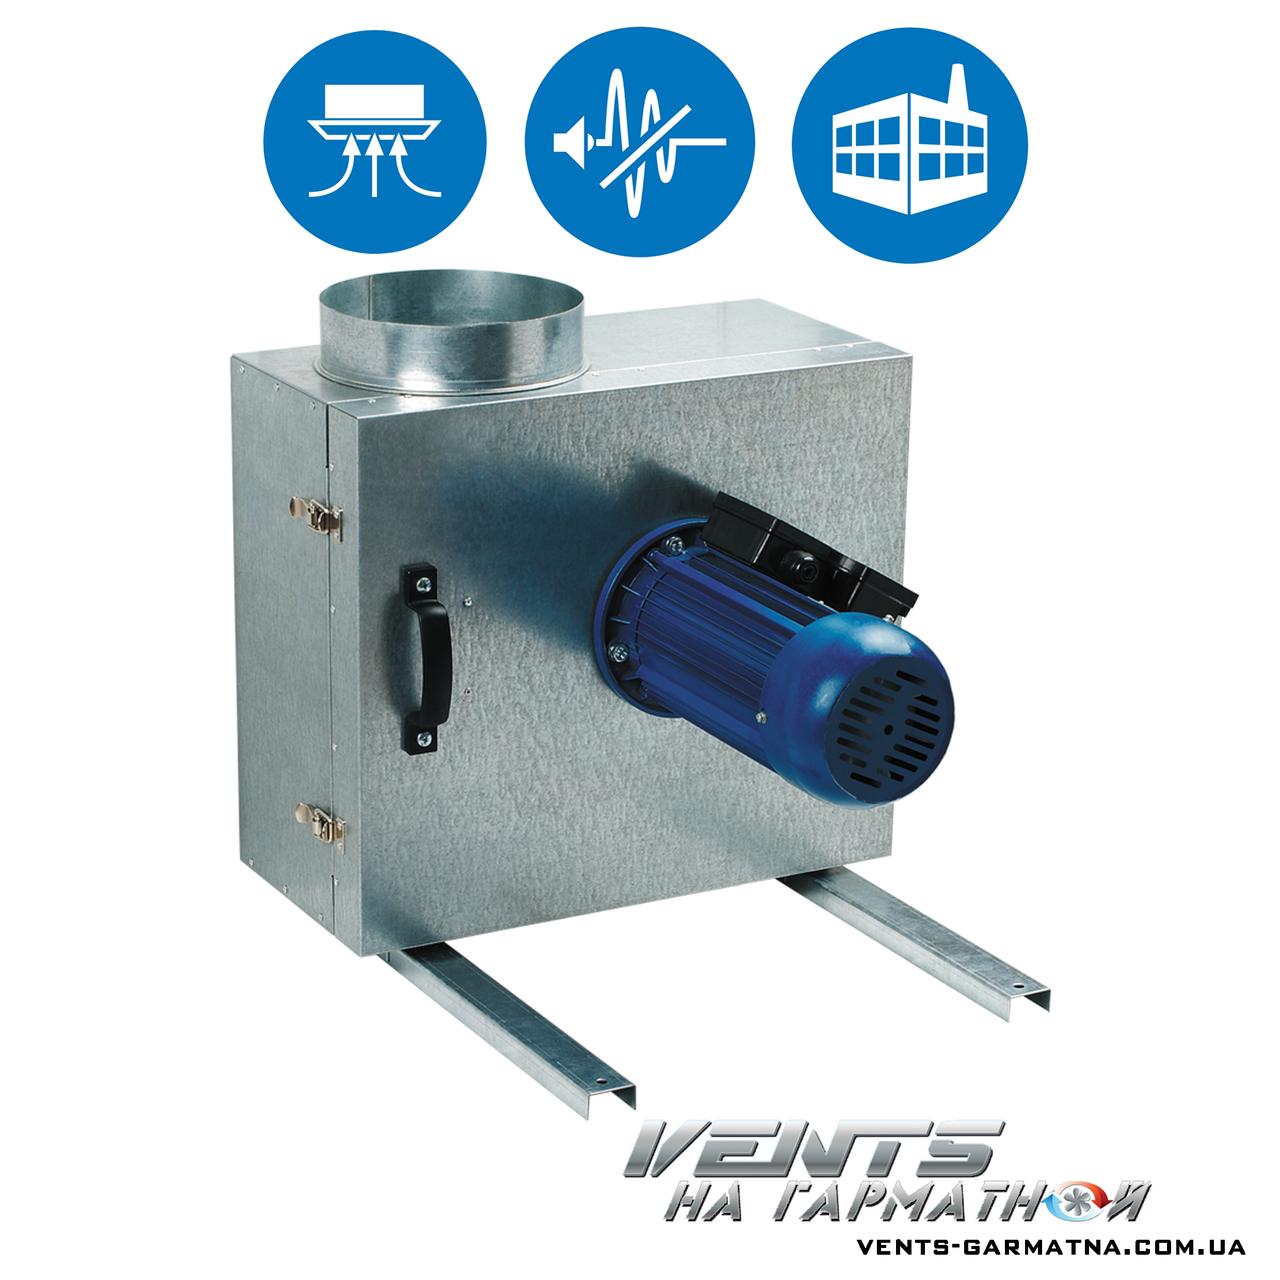 Вентс КСК 355 2Е. Центробежный вытяжной кухонный вентилятор в шумоизолированном корпусе